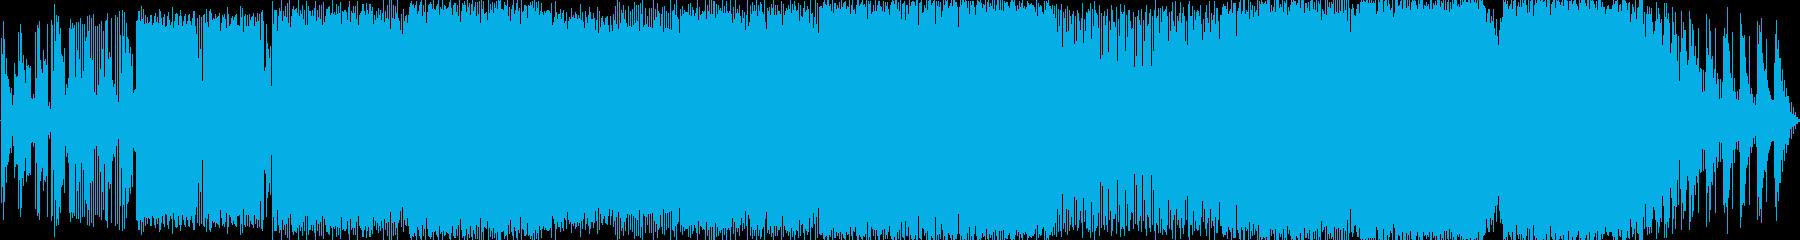 エレクトロニック サスペンス ad...の再生済みの波形